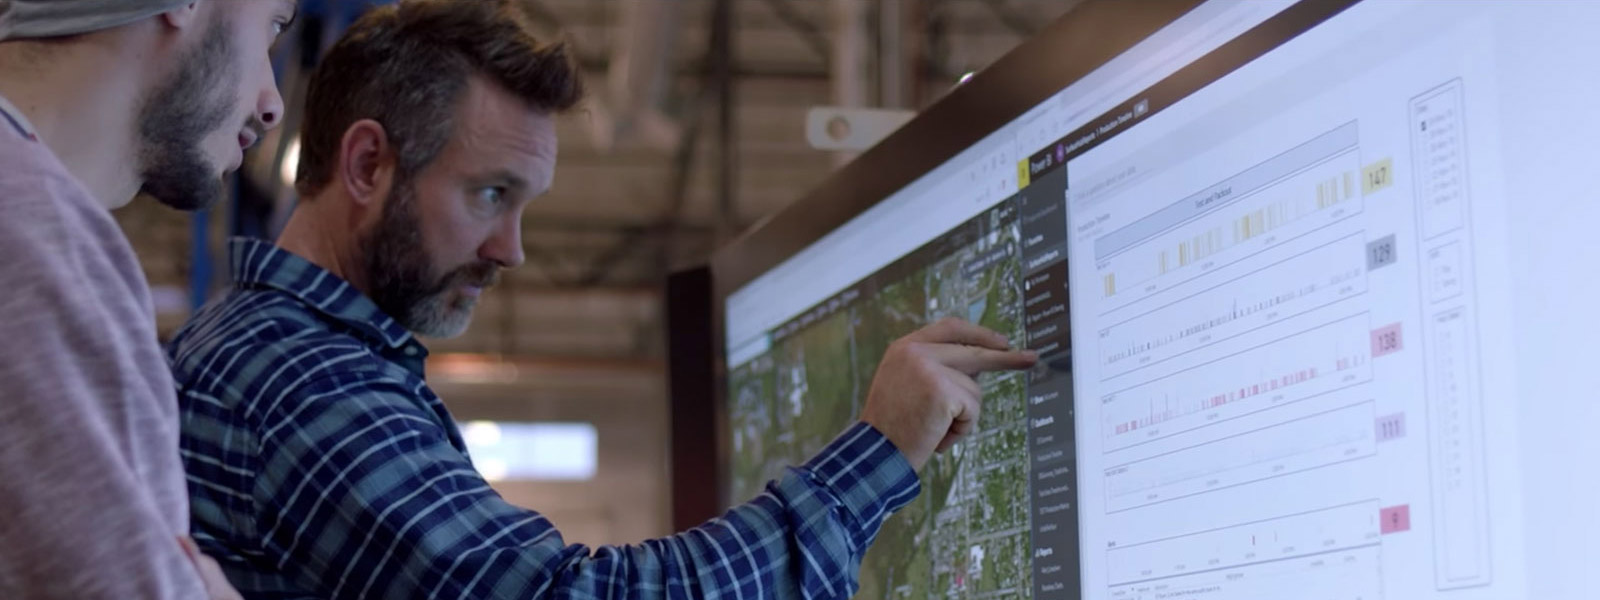 Dos hombres que usan los gestos táctiles en un dispositivo Surface Hub